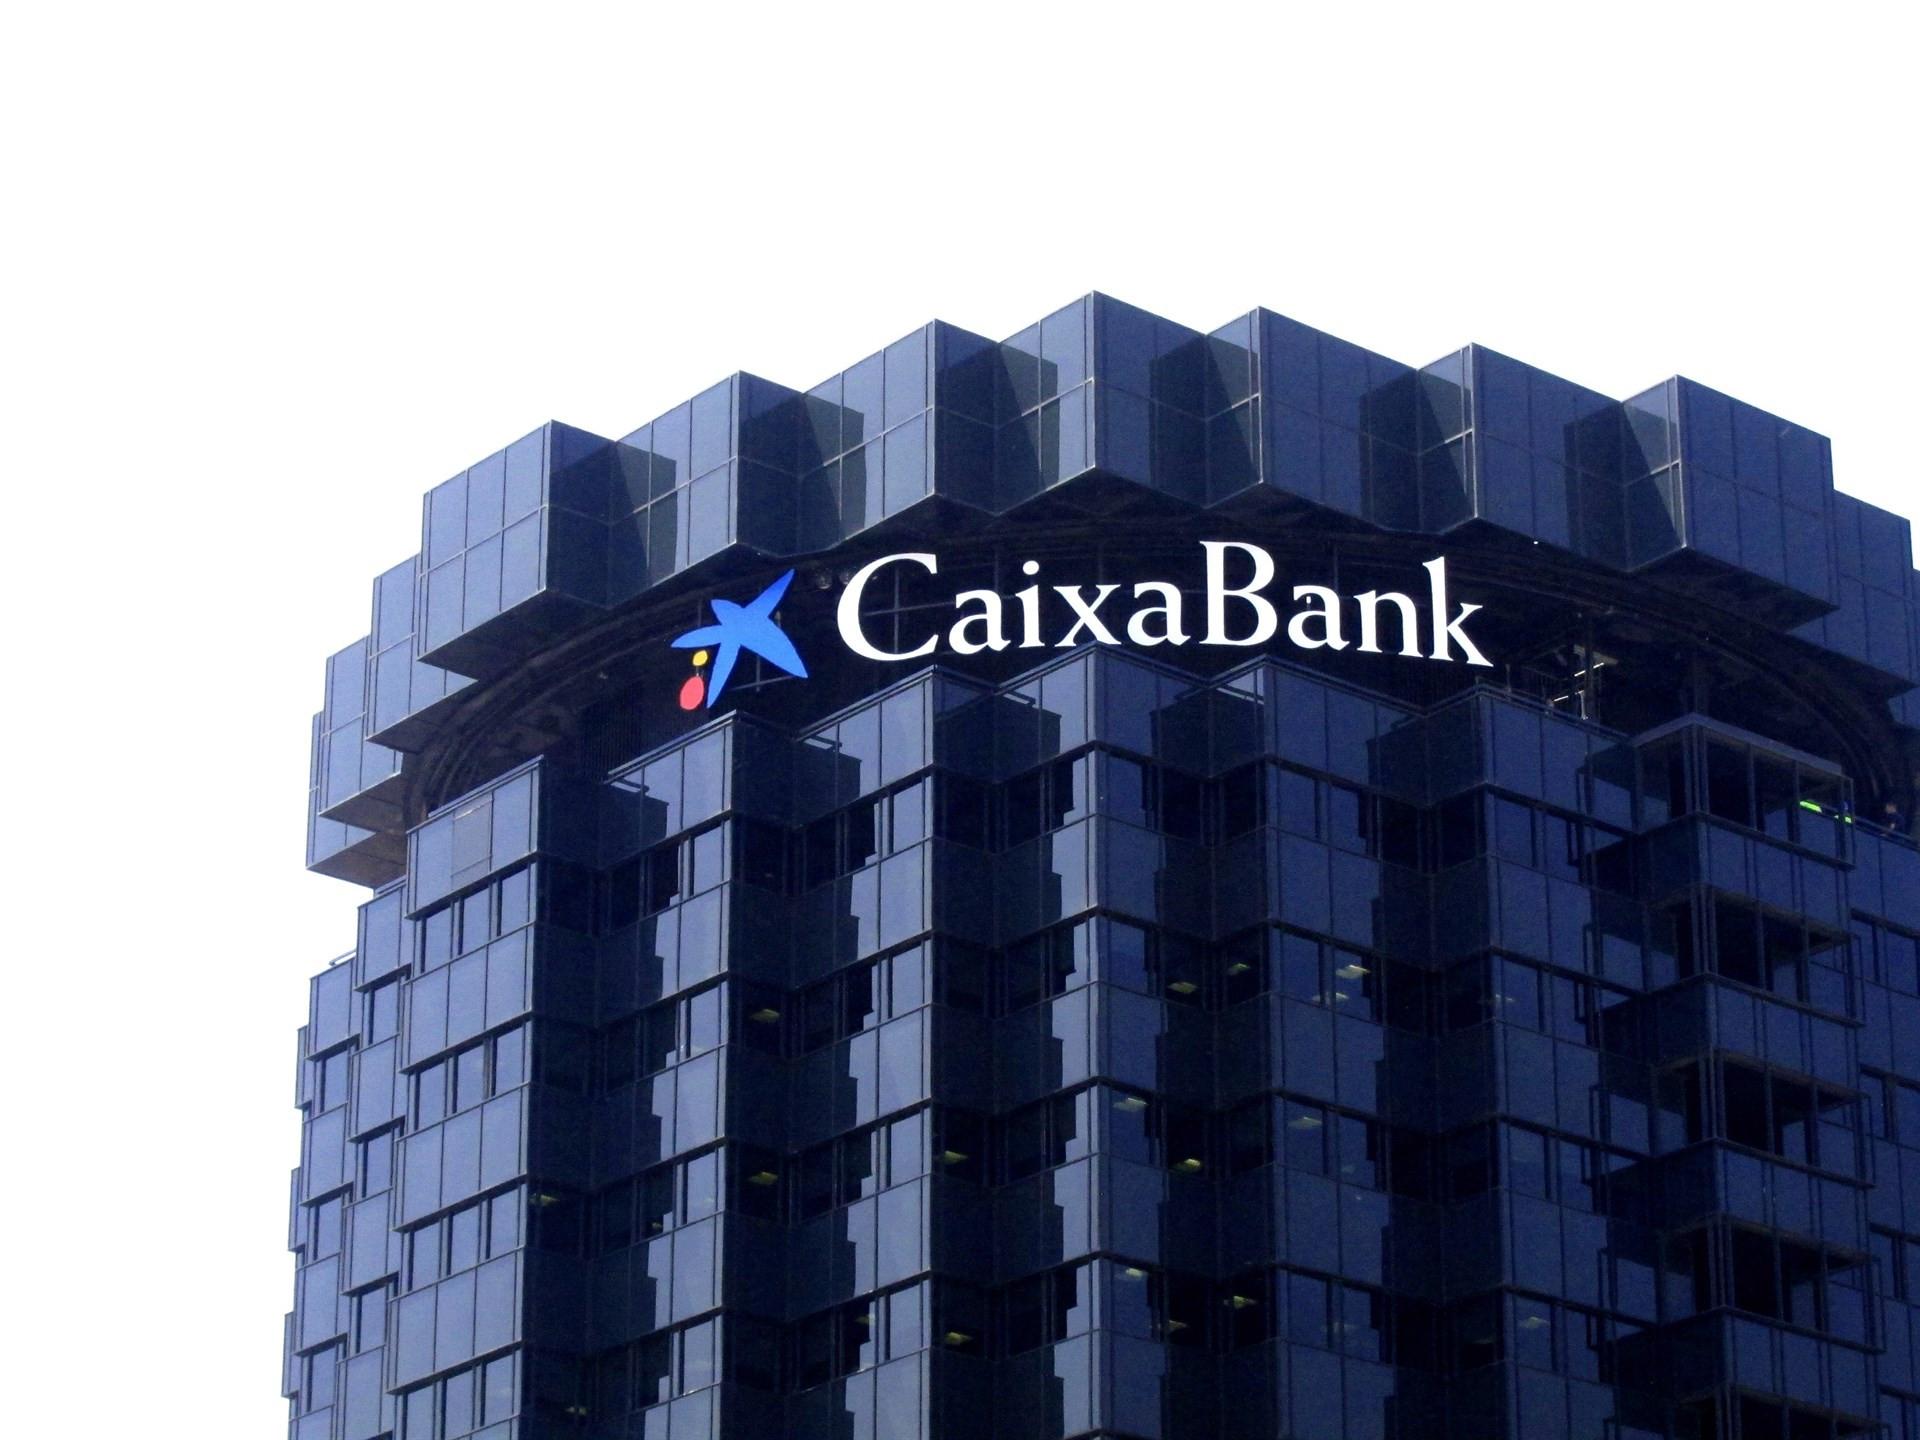 Caixabank coloca millones en deuda subordinada a 10 a os for Pisos caixabank